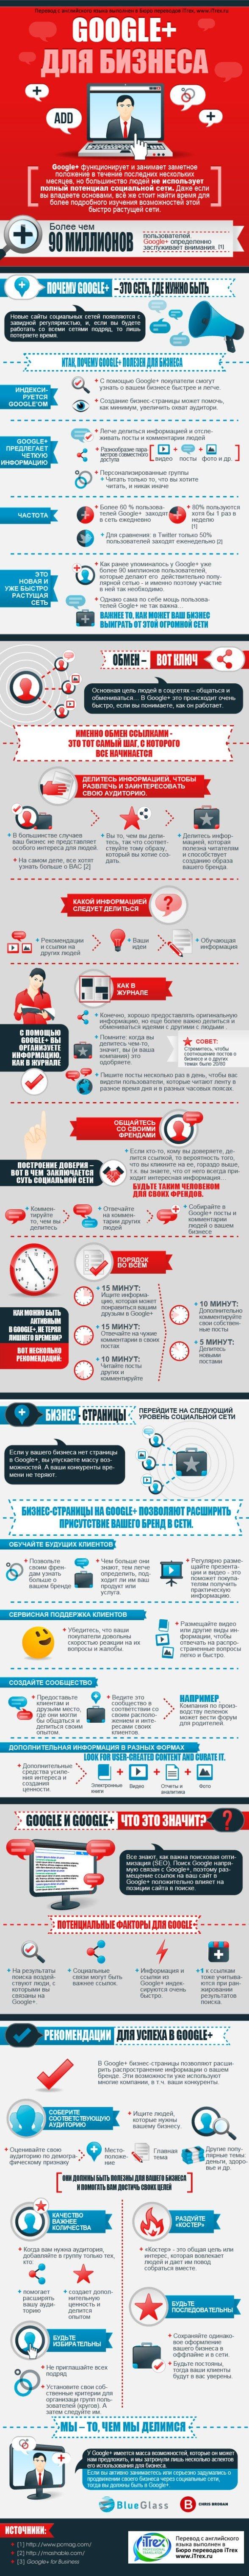 Бюро переводов iTrex. Перевод инфографики: Google + для бизнеса